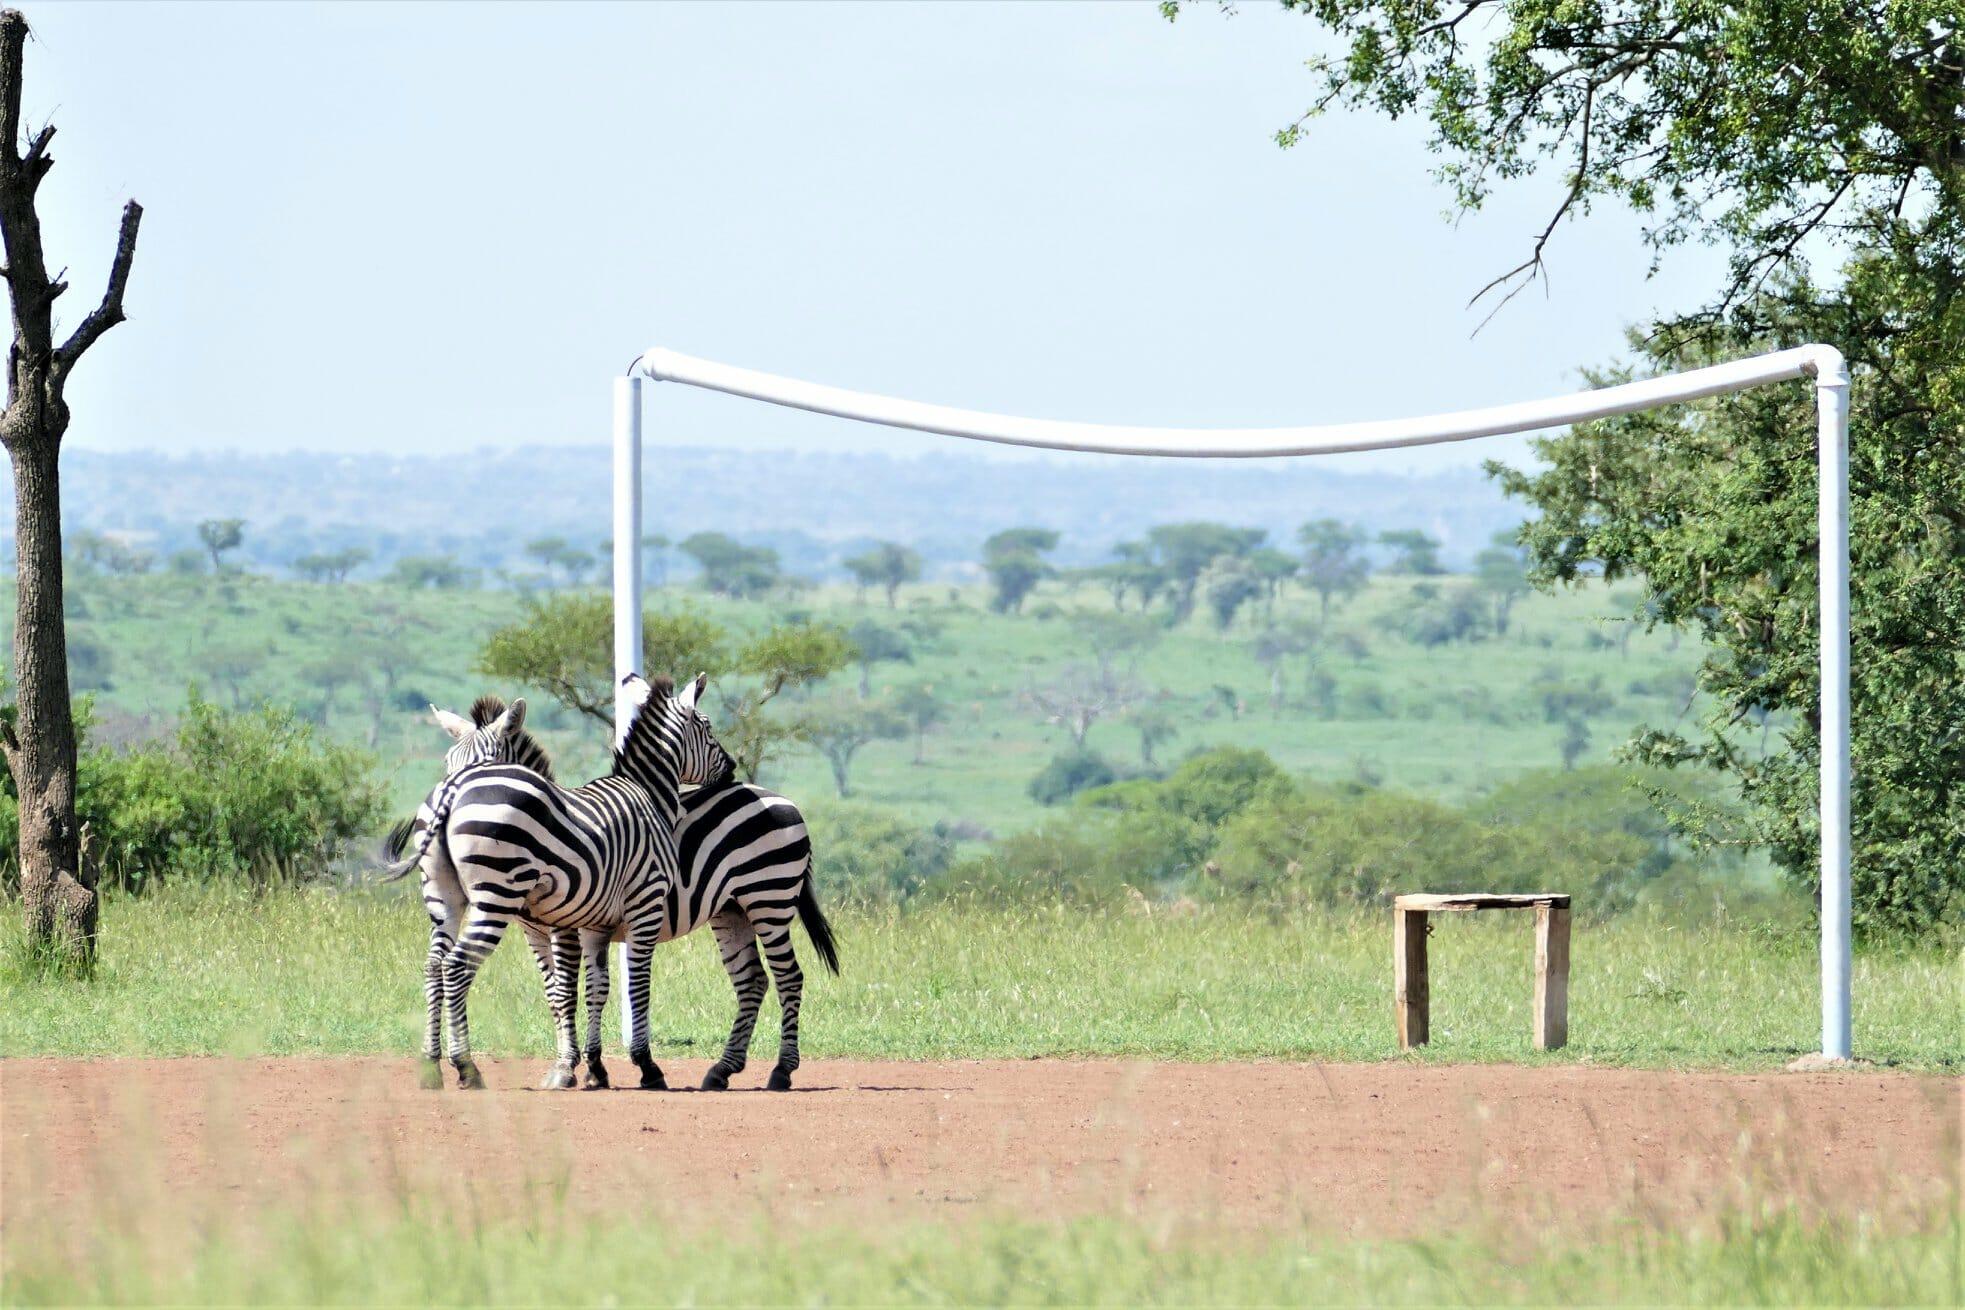 2 zèbres sur un terrain de foot près du parc du serengeti en Tanzanie